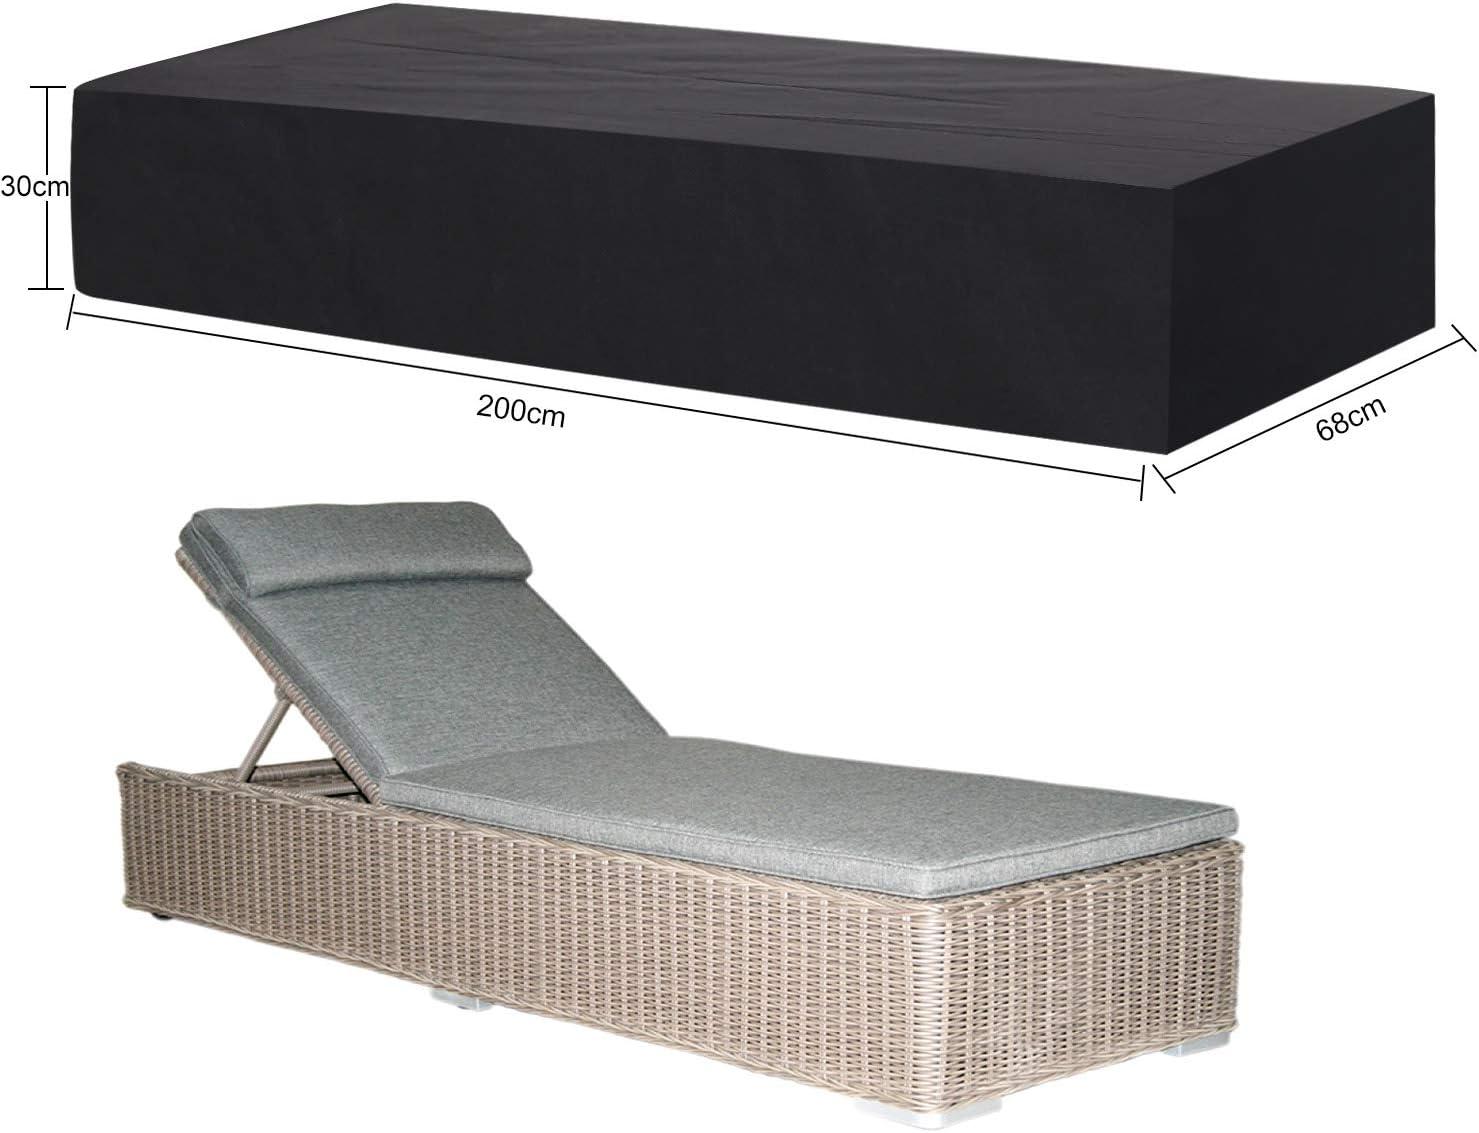 TEPSMIGO Copertura per Sedia a Sdraio,Copertura per Chaise longue,Copertura Cover Protezione per Sdraio 200 x 68 x 30cm